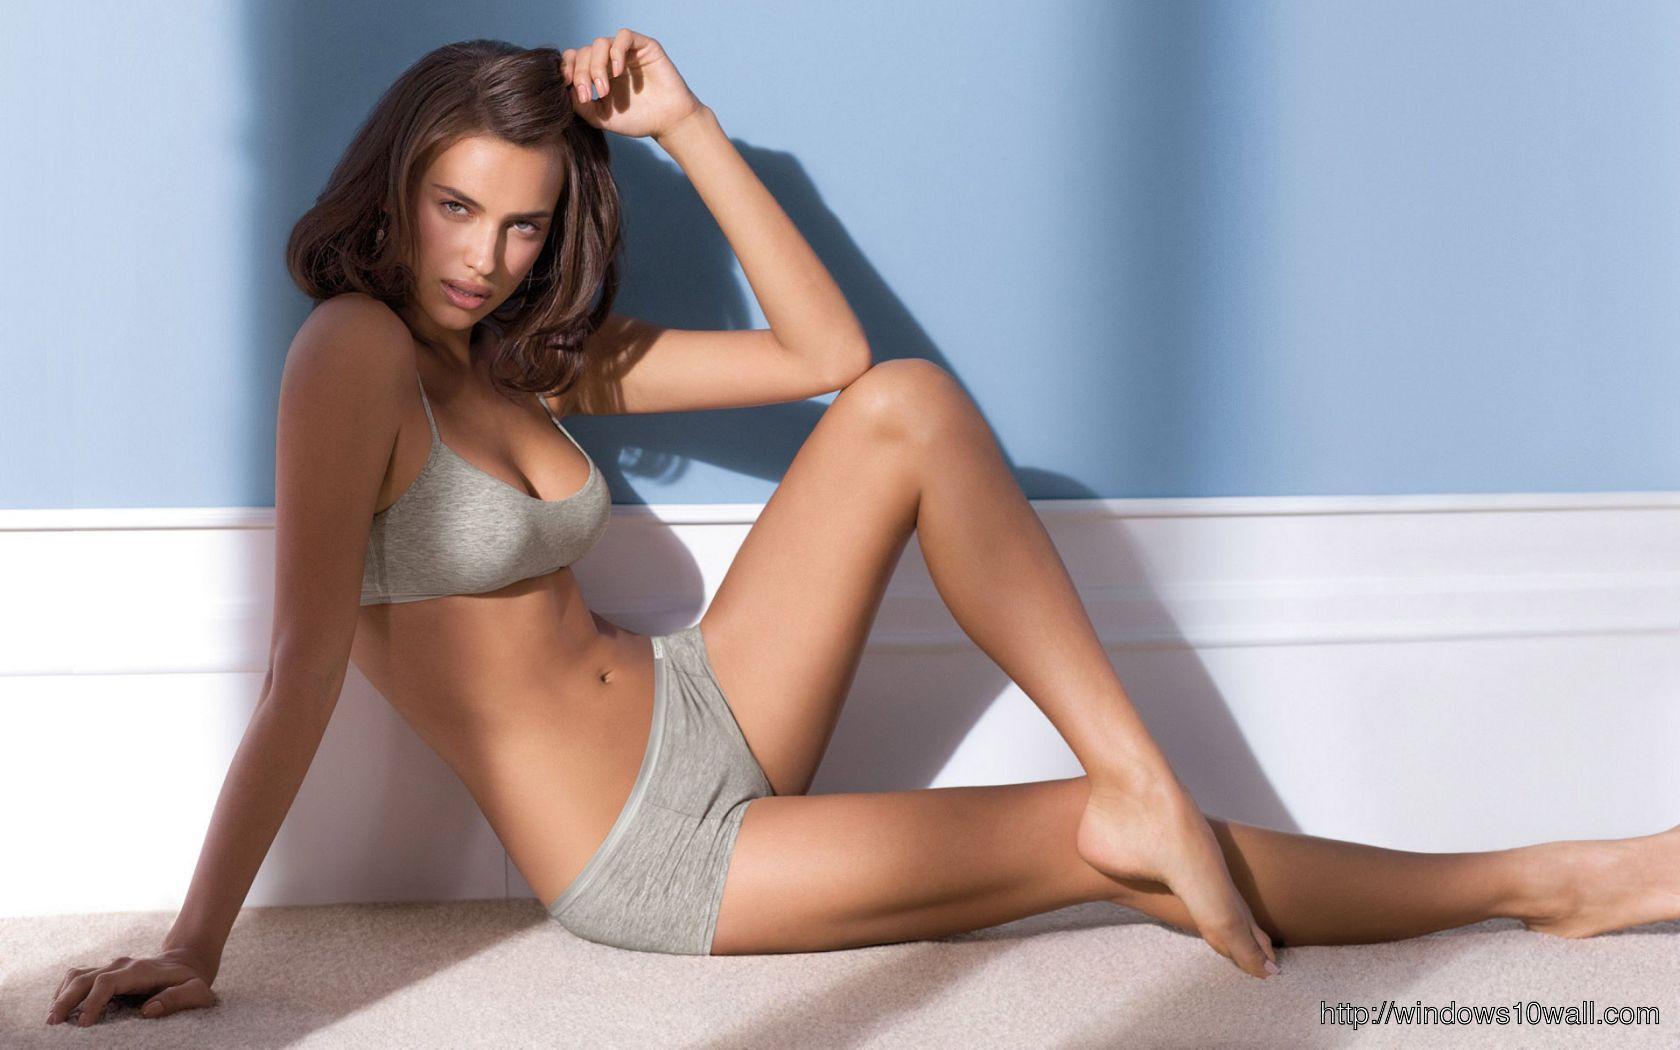 Irina Shayk on floor background Wallpaper